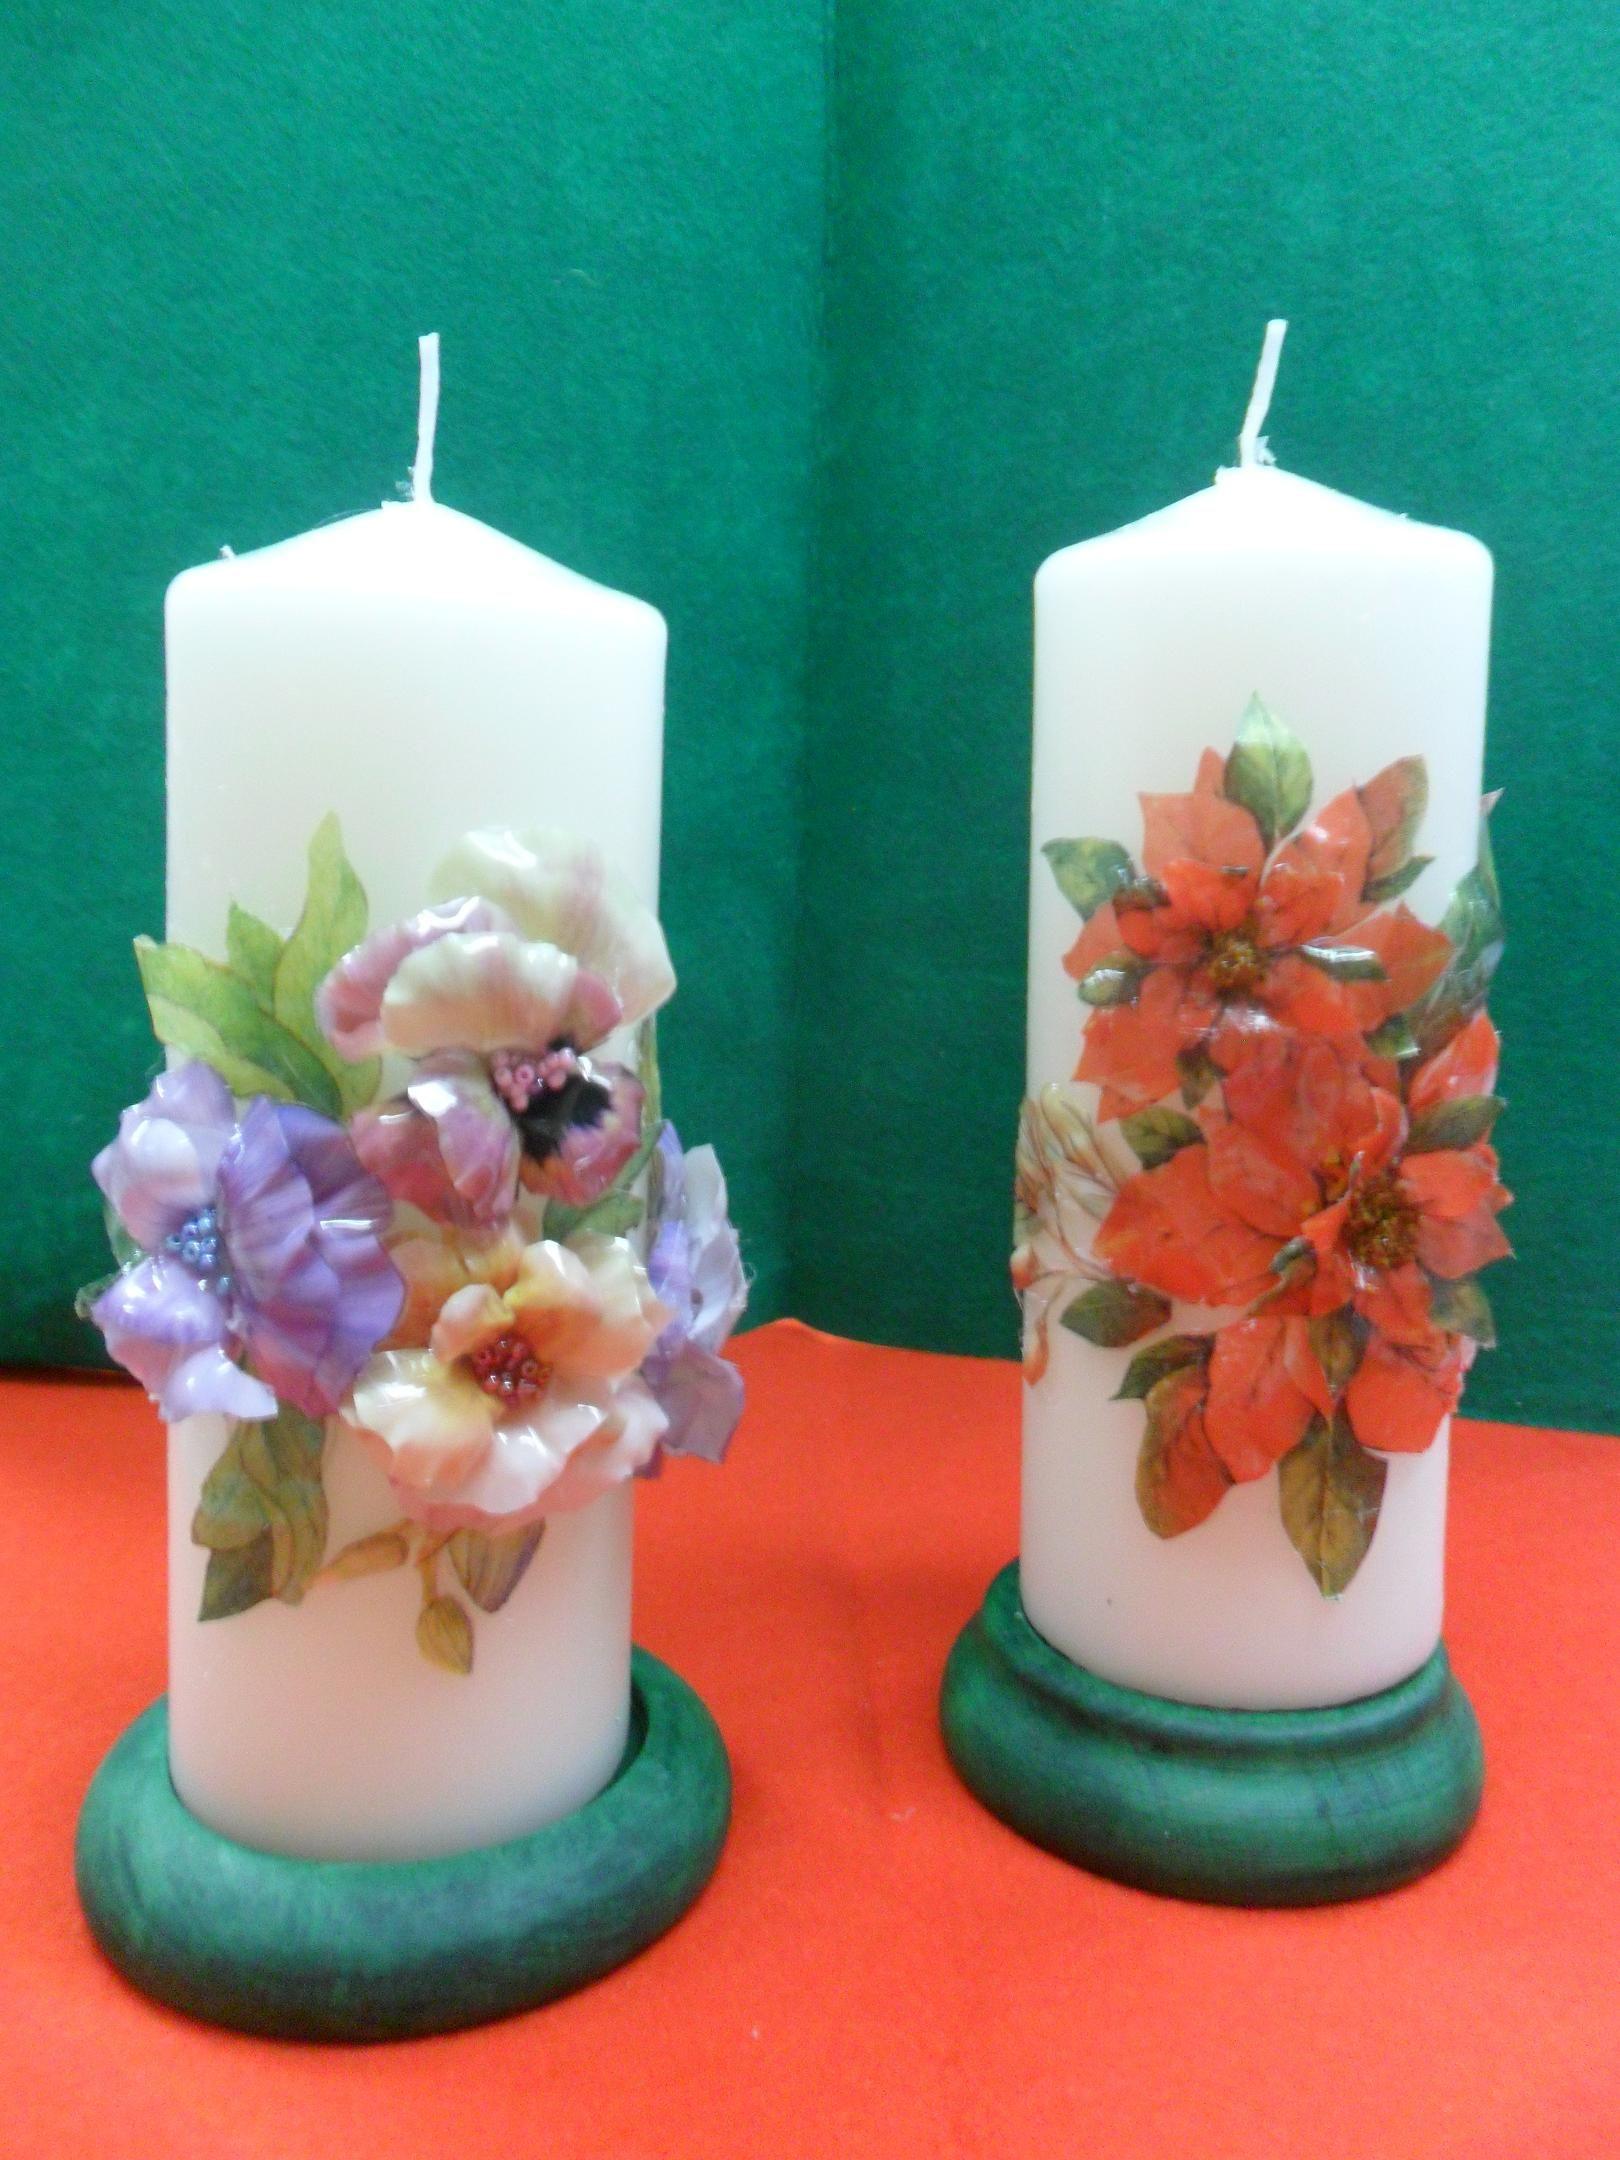 Velas de navidad decoradas con sospeso floral varios pinterest decoupage decorated - Velas decoradas para navidad ...